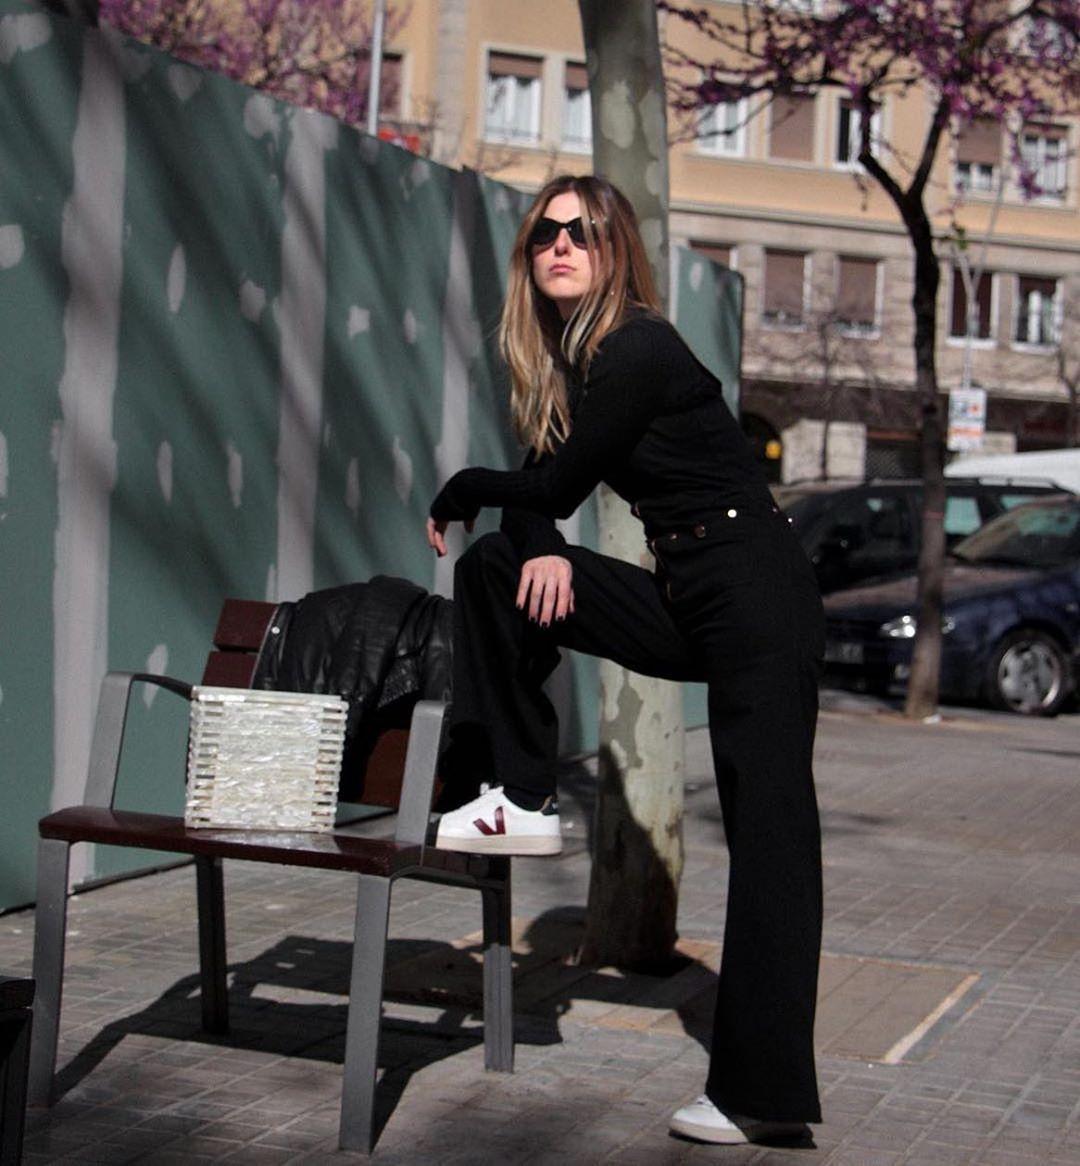 Этичная мода: 3 способа сделать свой гардероб экологичнее